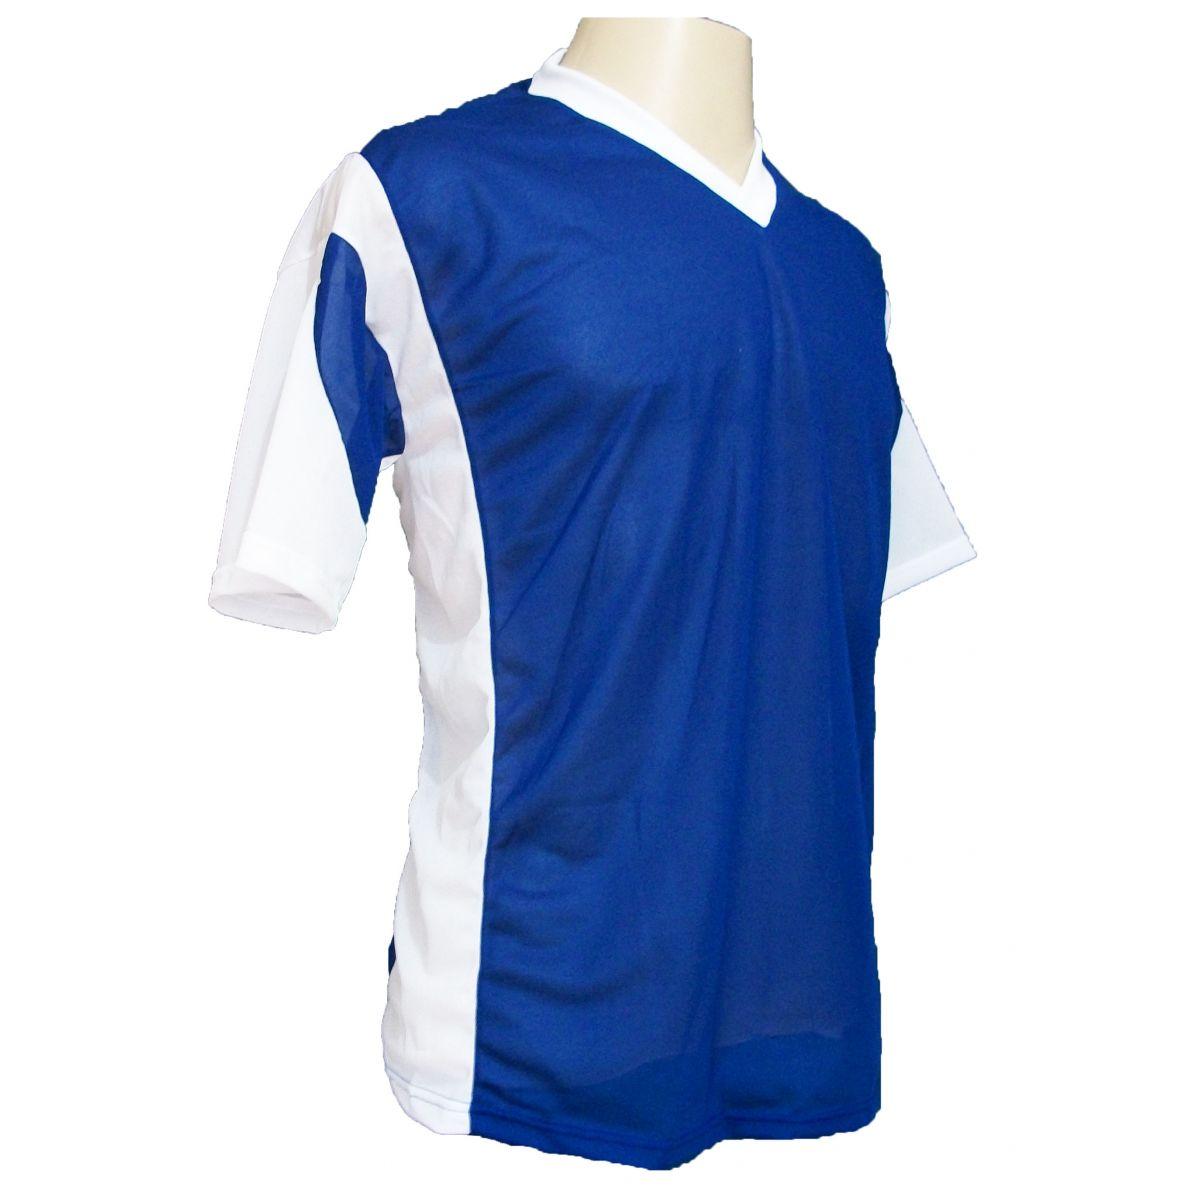 Jogo de Camisa Promocional com 18 Peças Numeradas Modelo Attack Royal/Branco - Frete Grátis Brasil